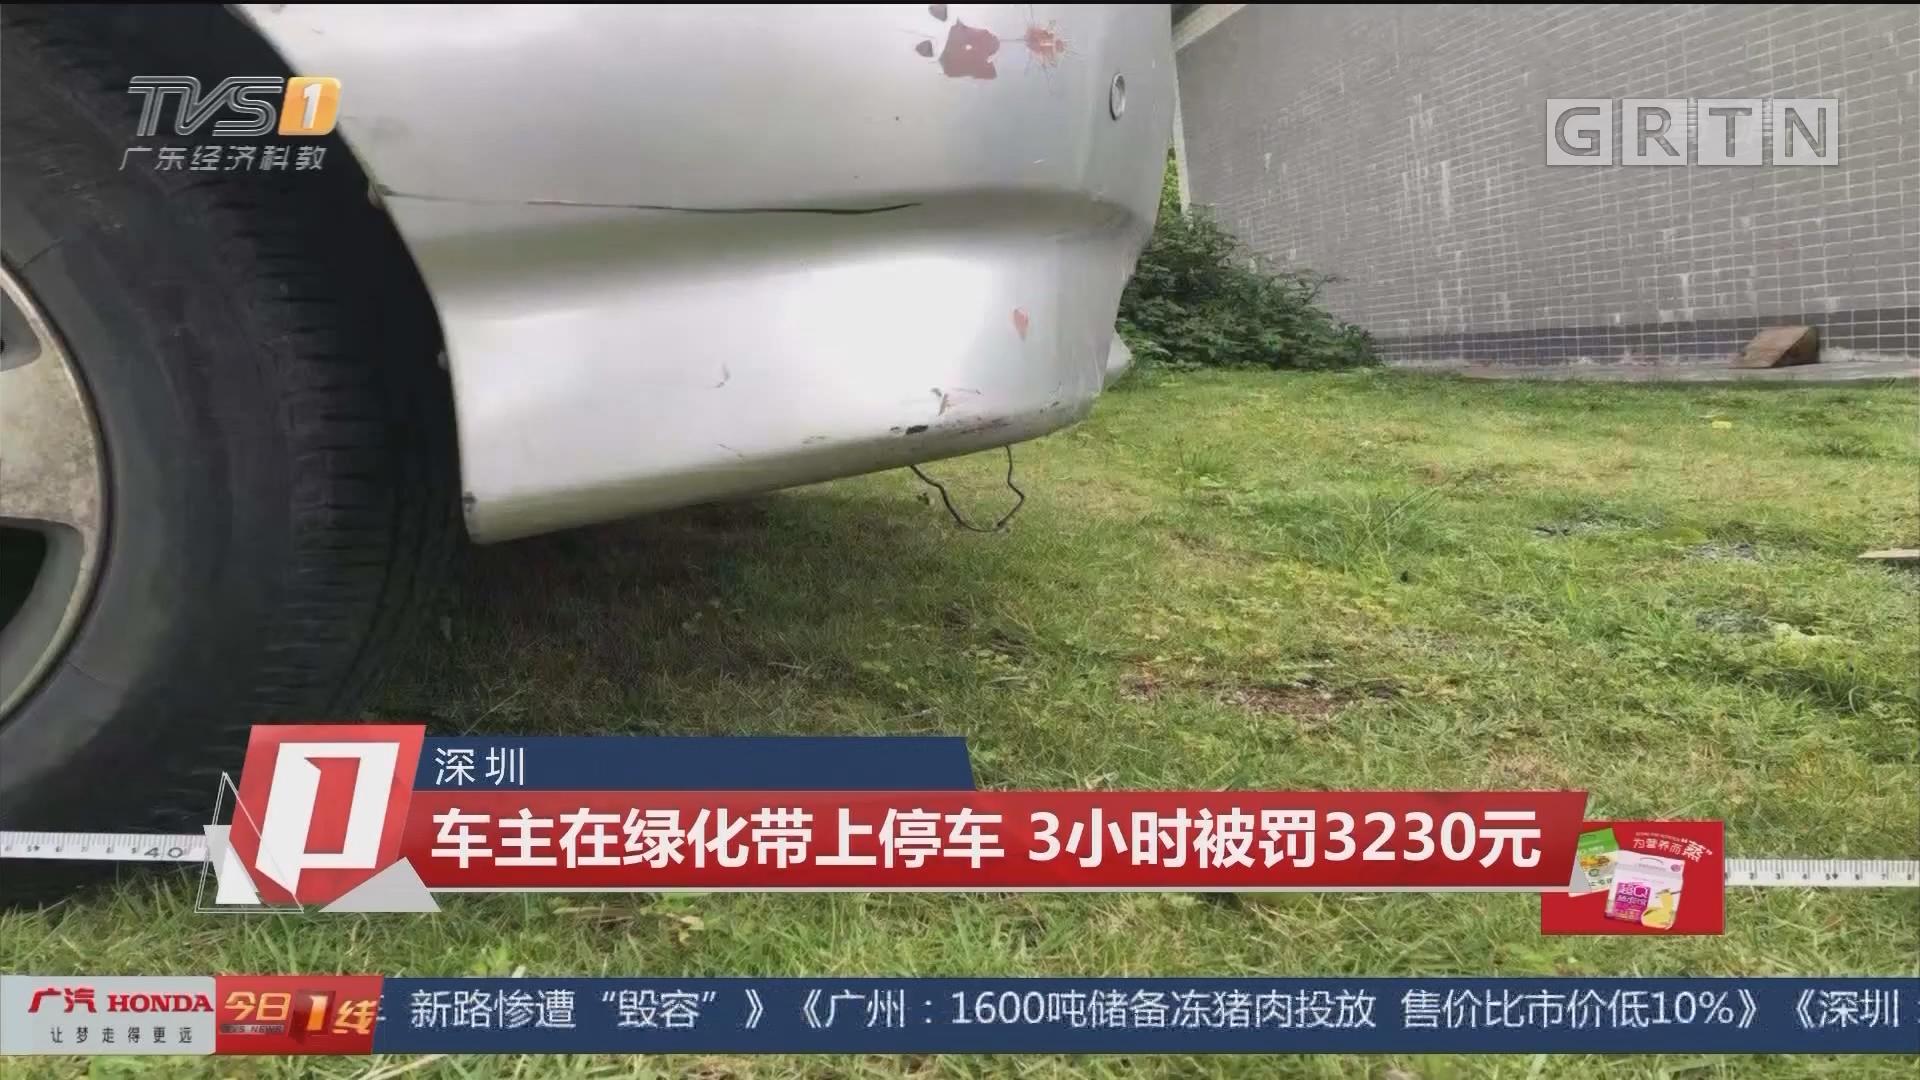 深圳 车主在绿化带上停车 3小时被罚3230元